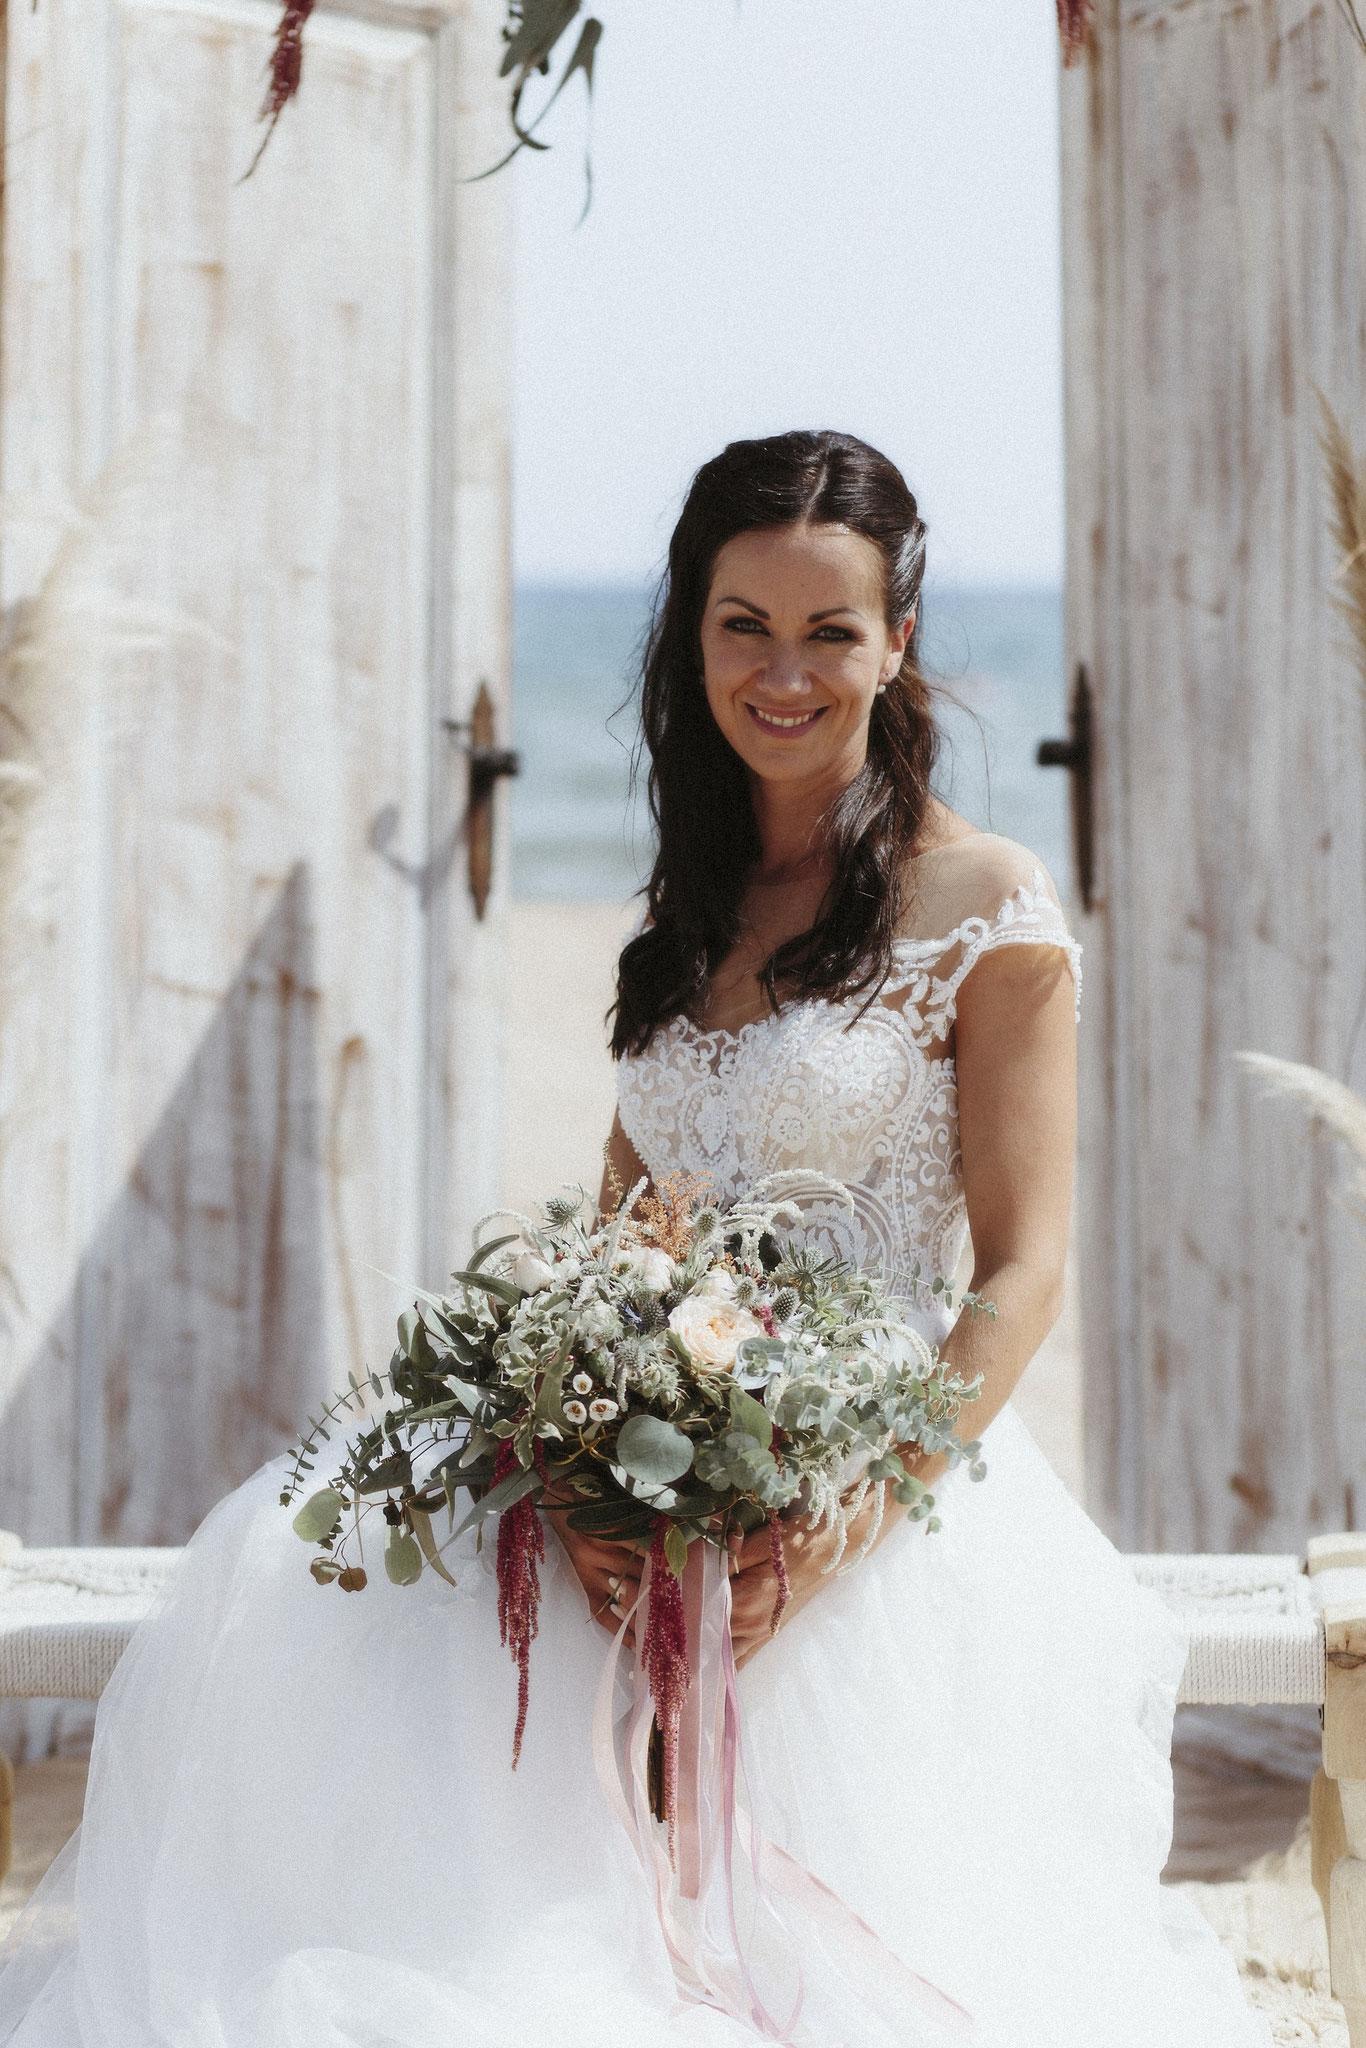 Die wunderschöne Braut nimmt Platz (Foto: Revela't)